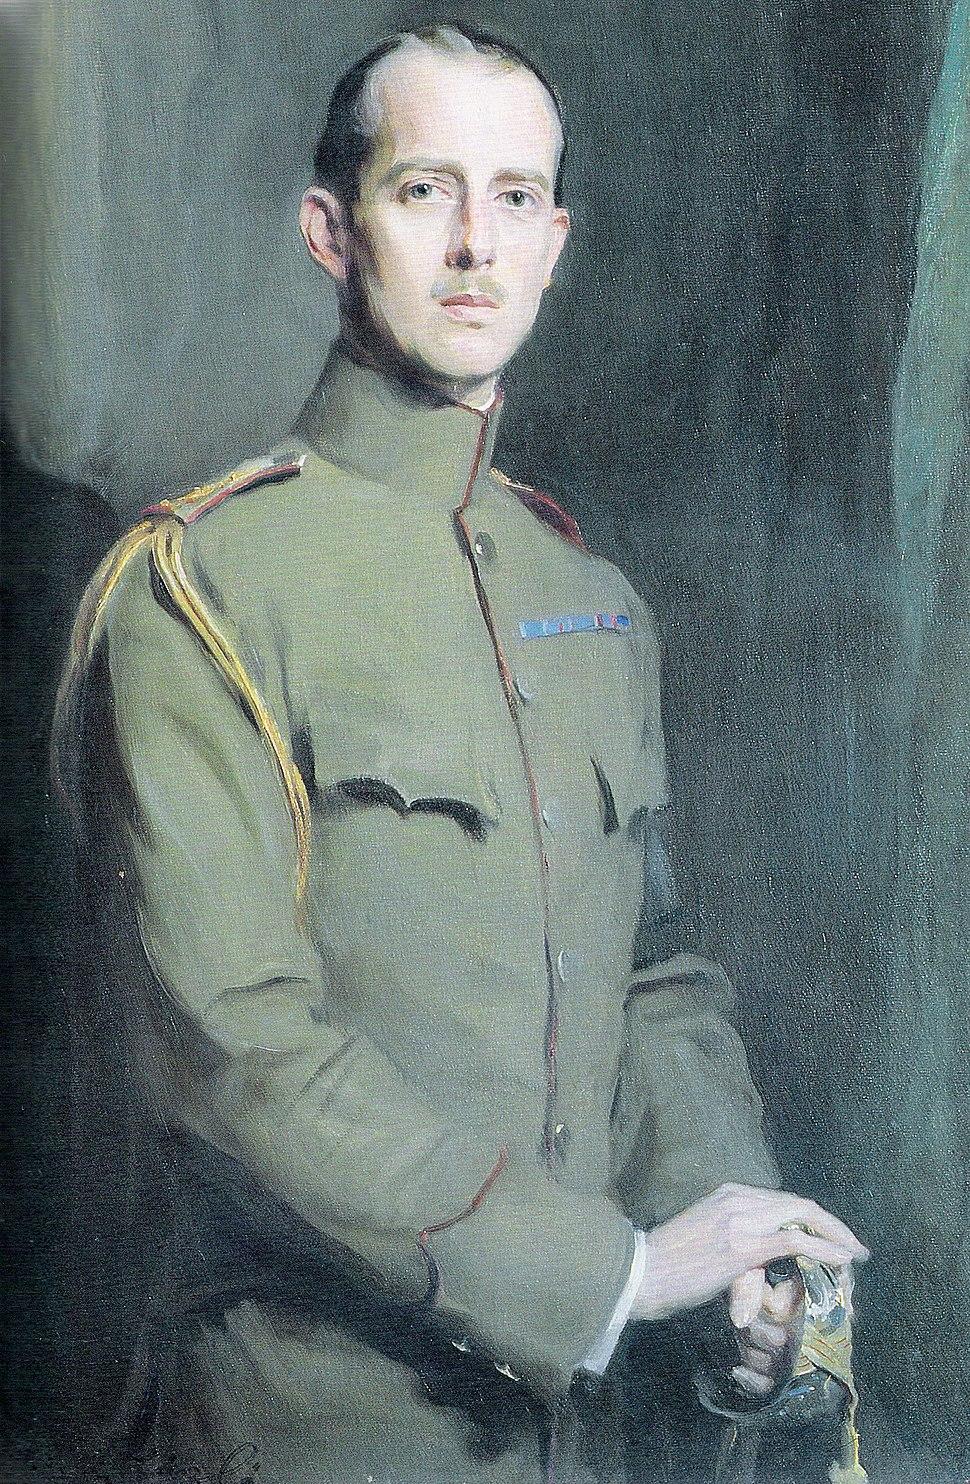 Laszlo - Prince Andrew of Greece